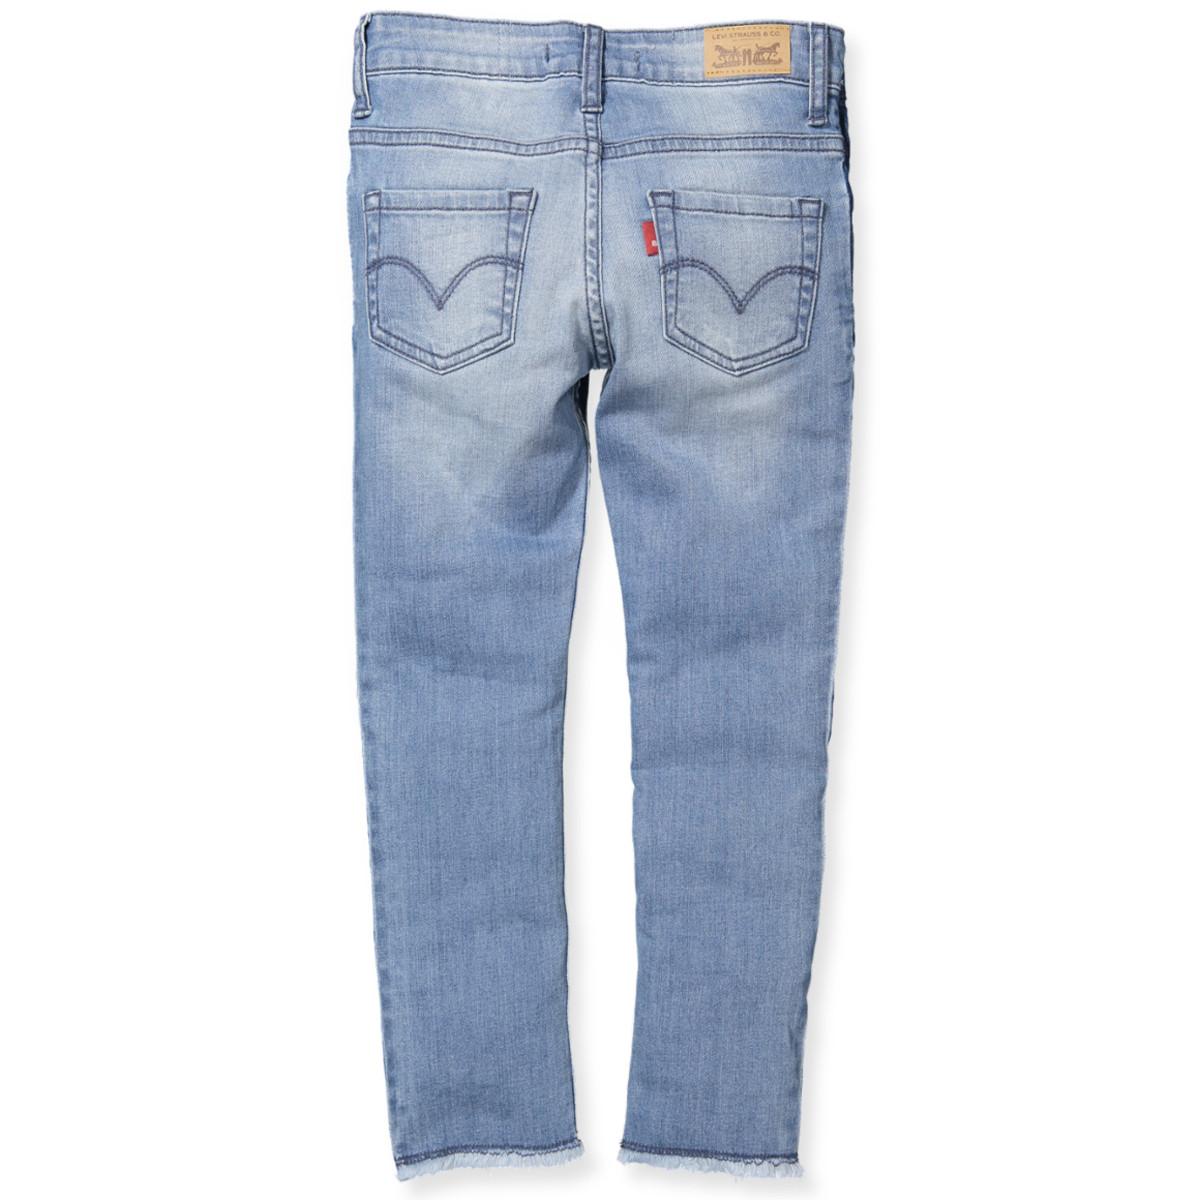 Blå jeans - pige